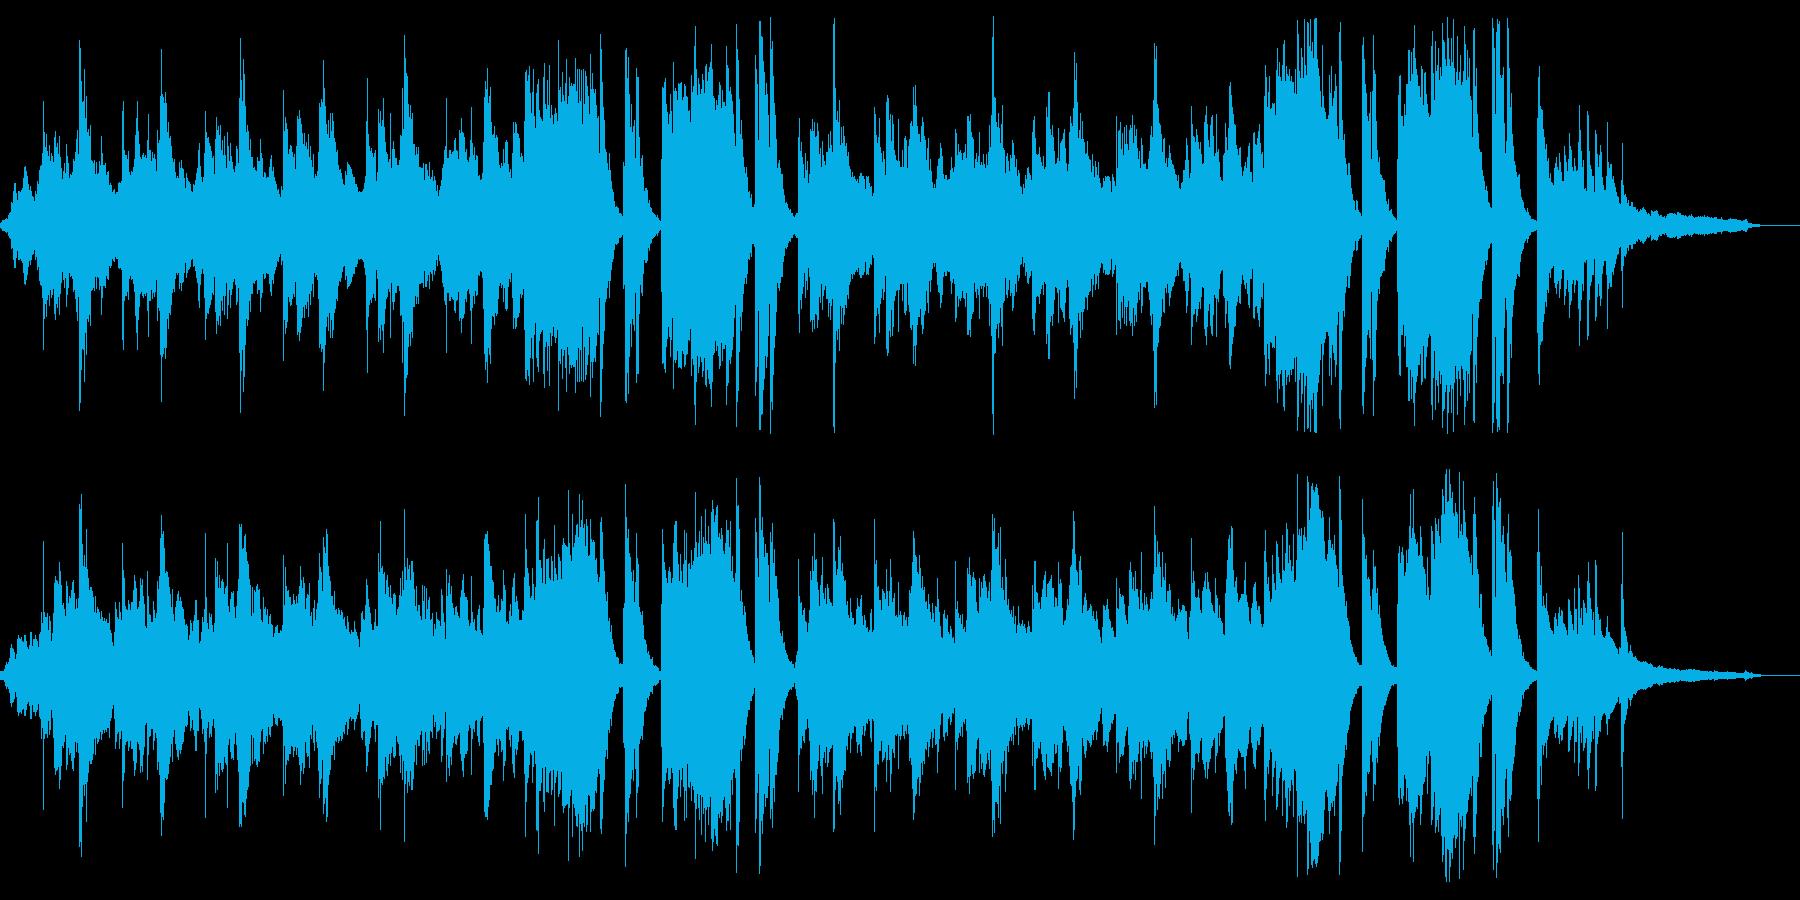 短めのピアノインスト曲ですの再生済みの波形